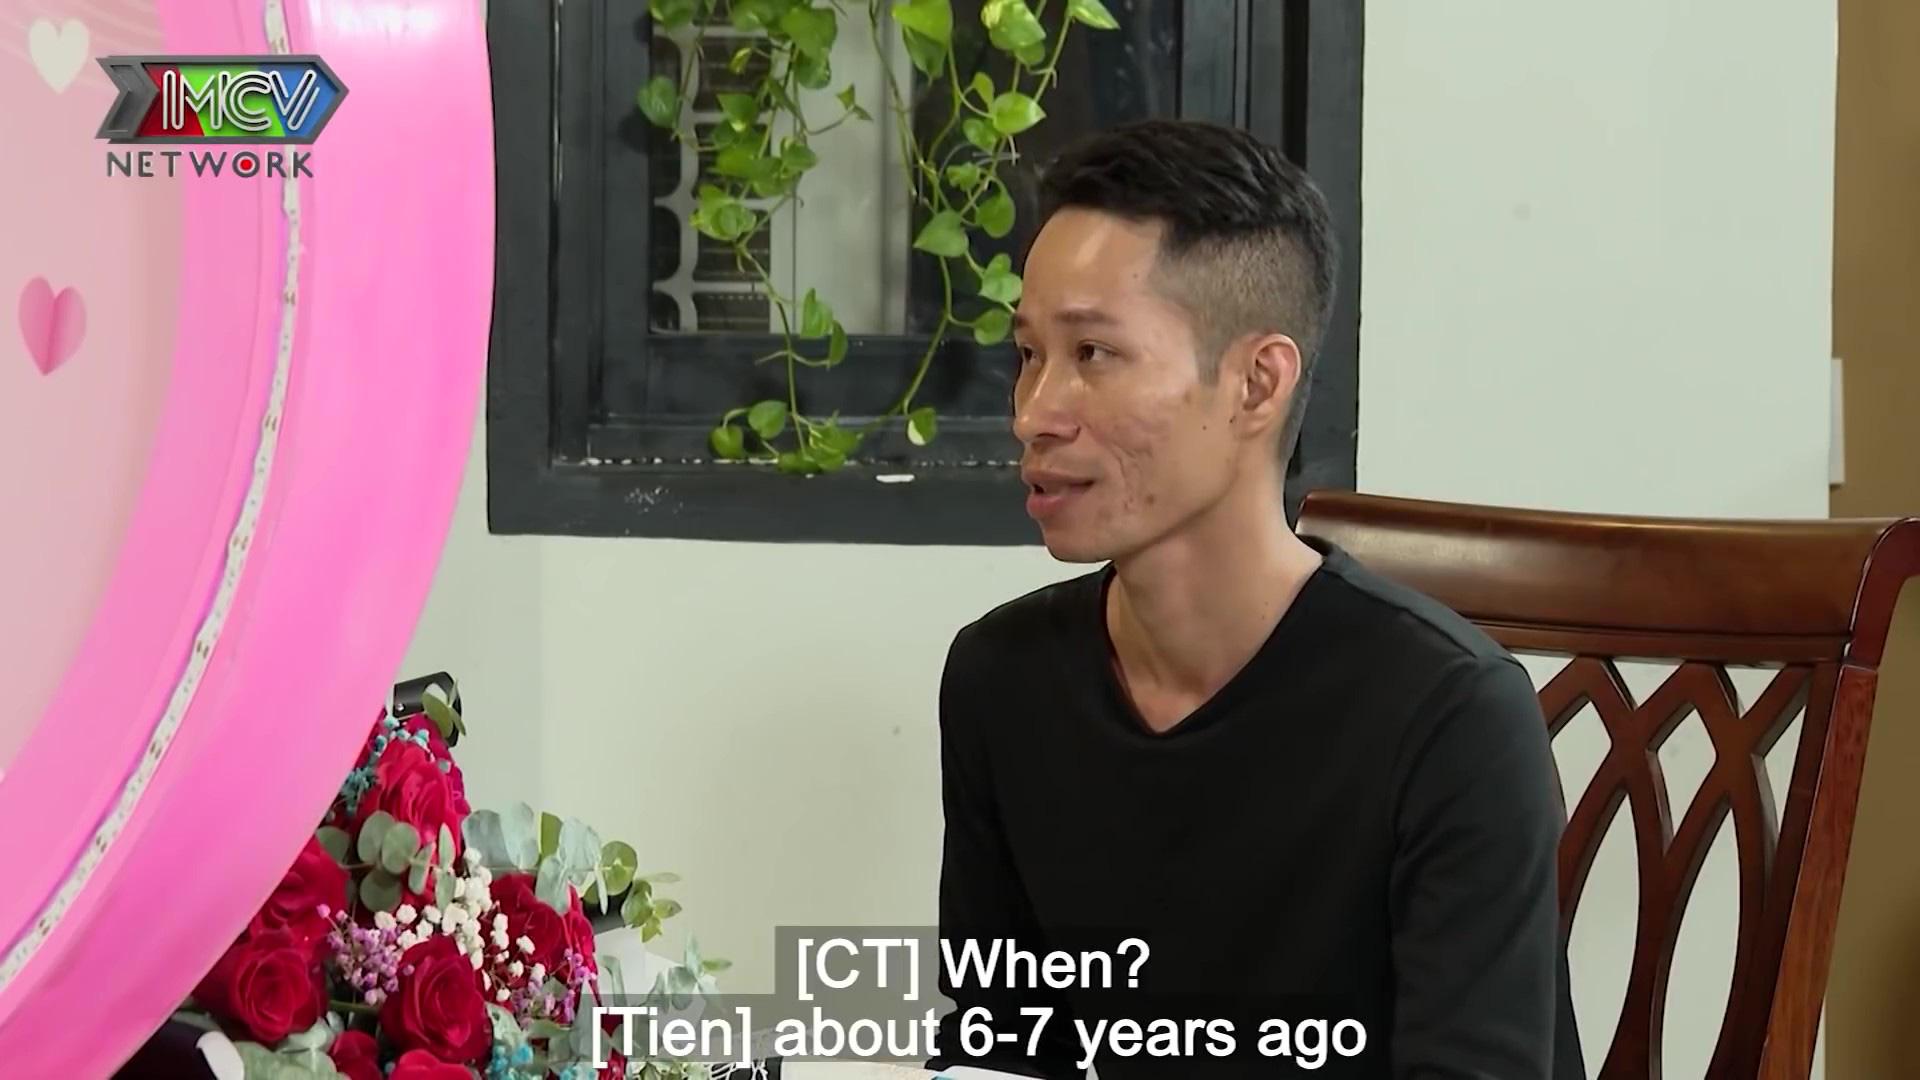 Trai U40 xấu hổ phải khai báo kinh nghiệm hôn với bà mối, từ thời gian đến cảm giác - Ảnh 2.